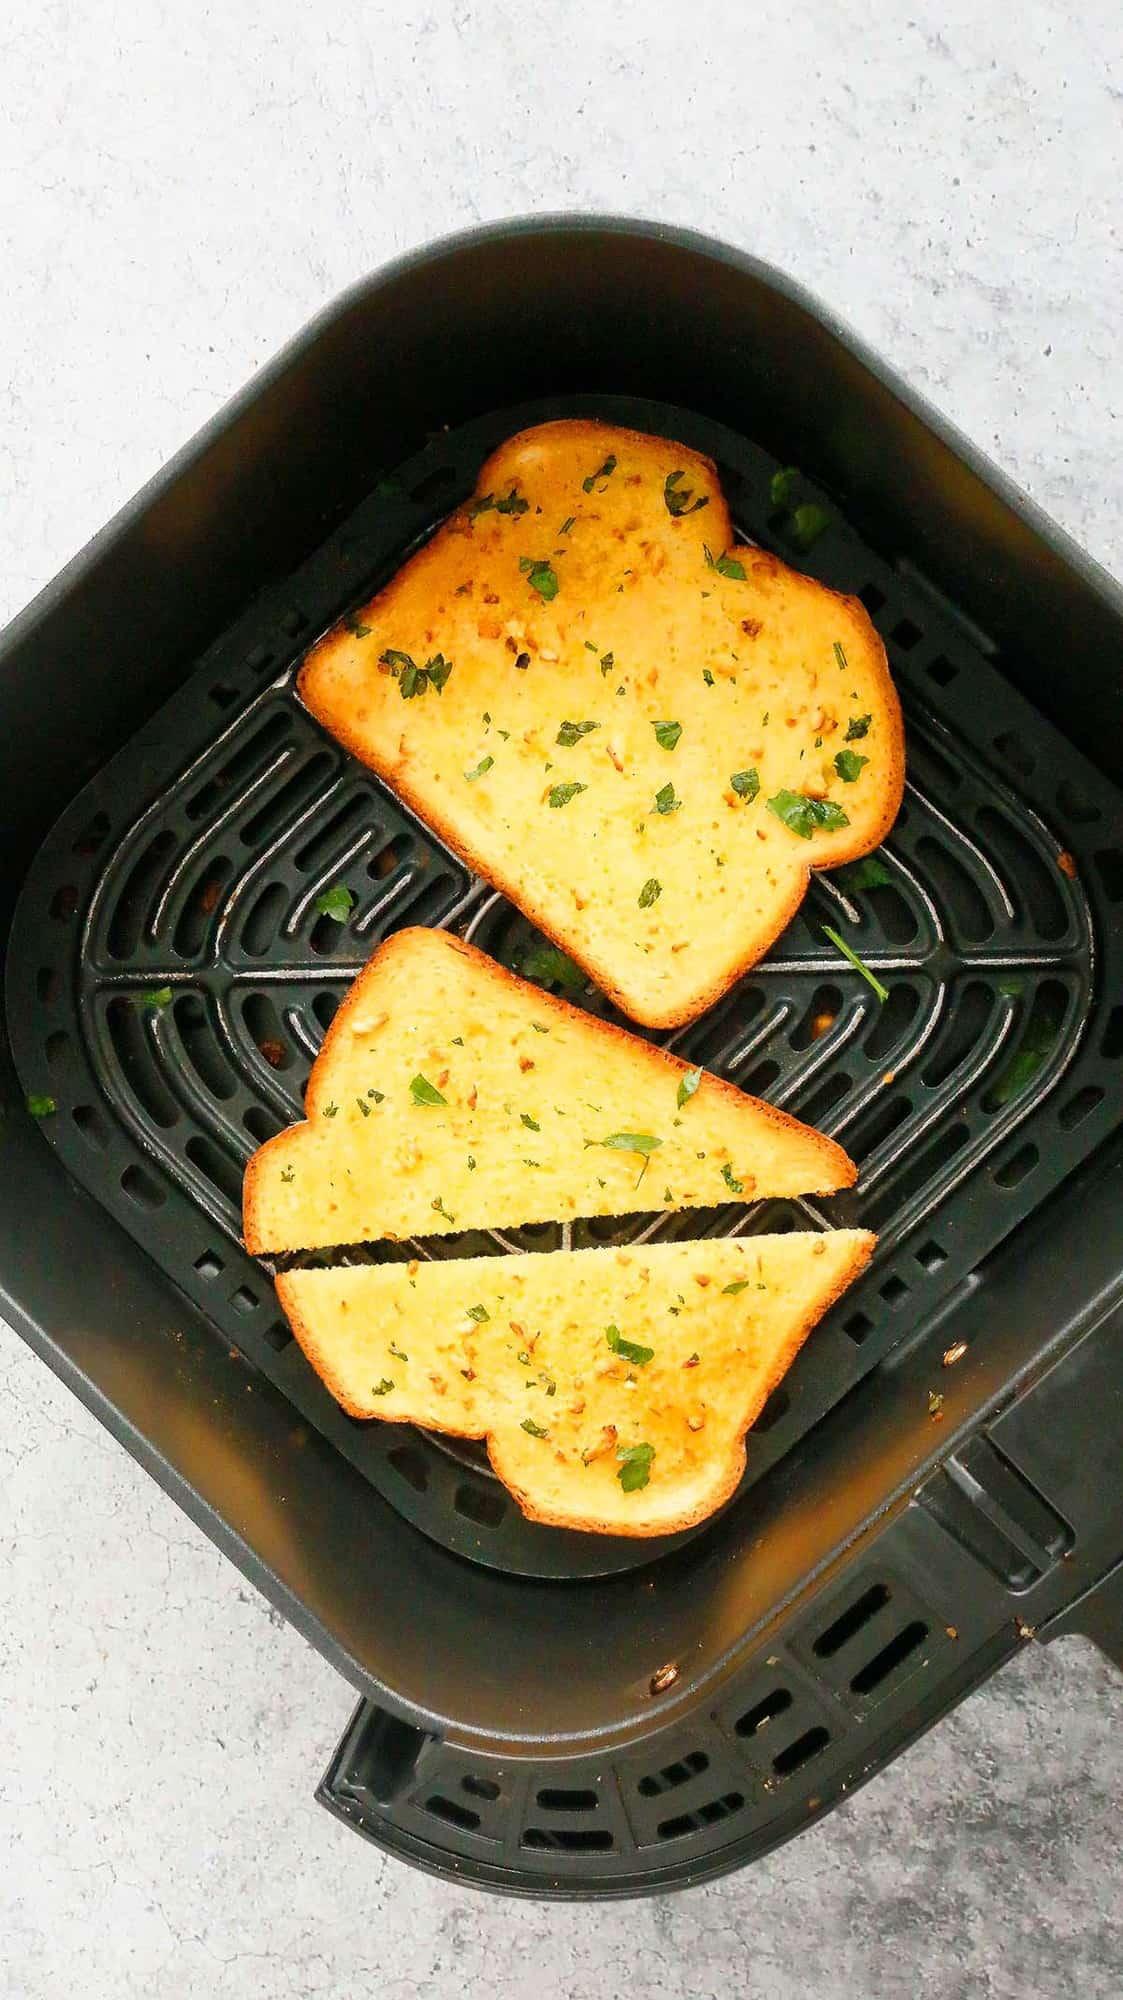 air fryer basket with garlic toast